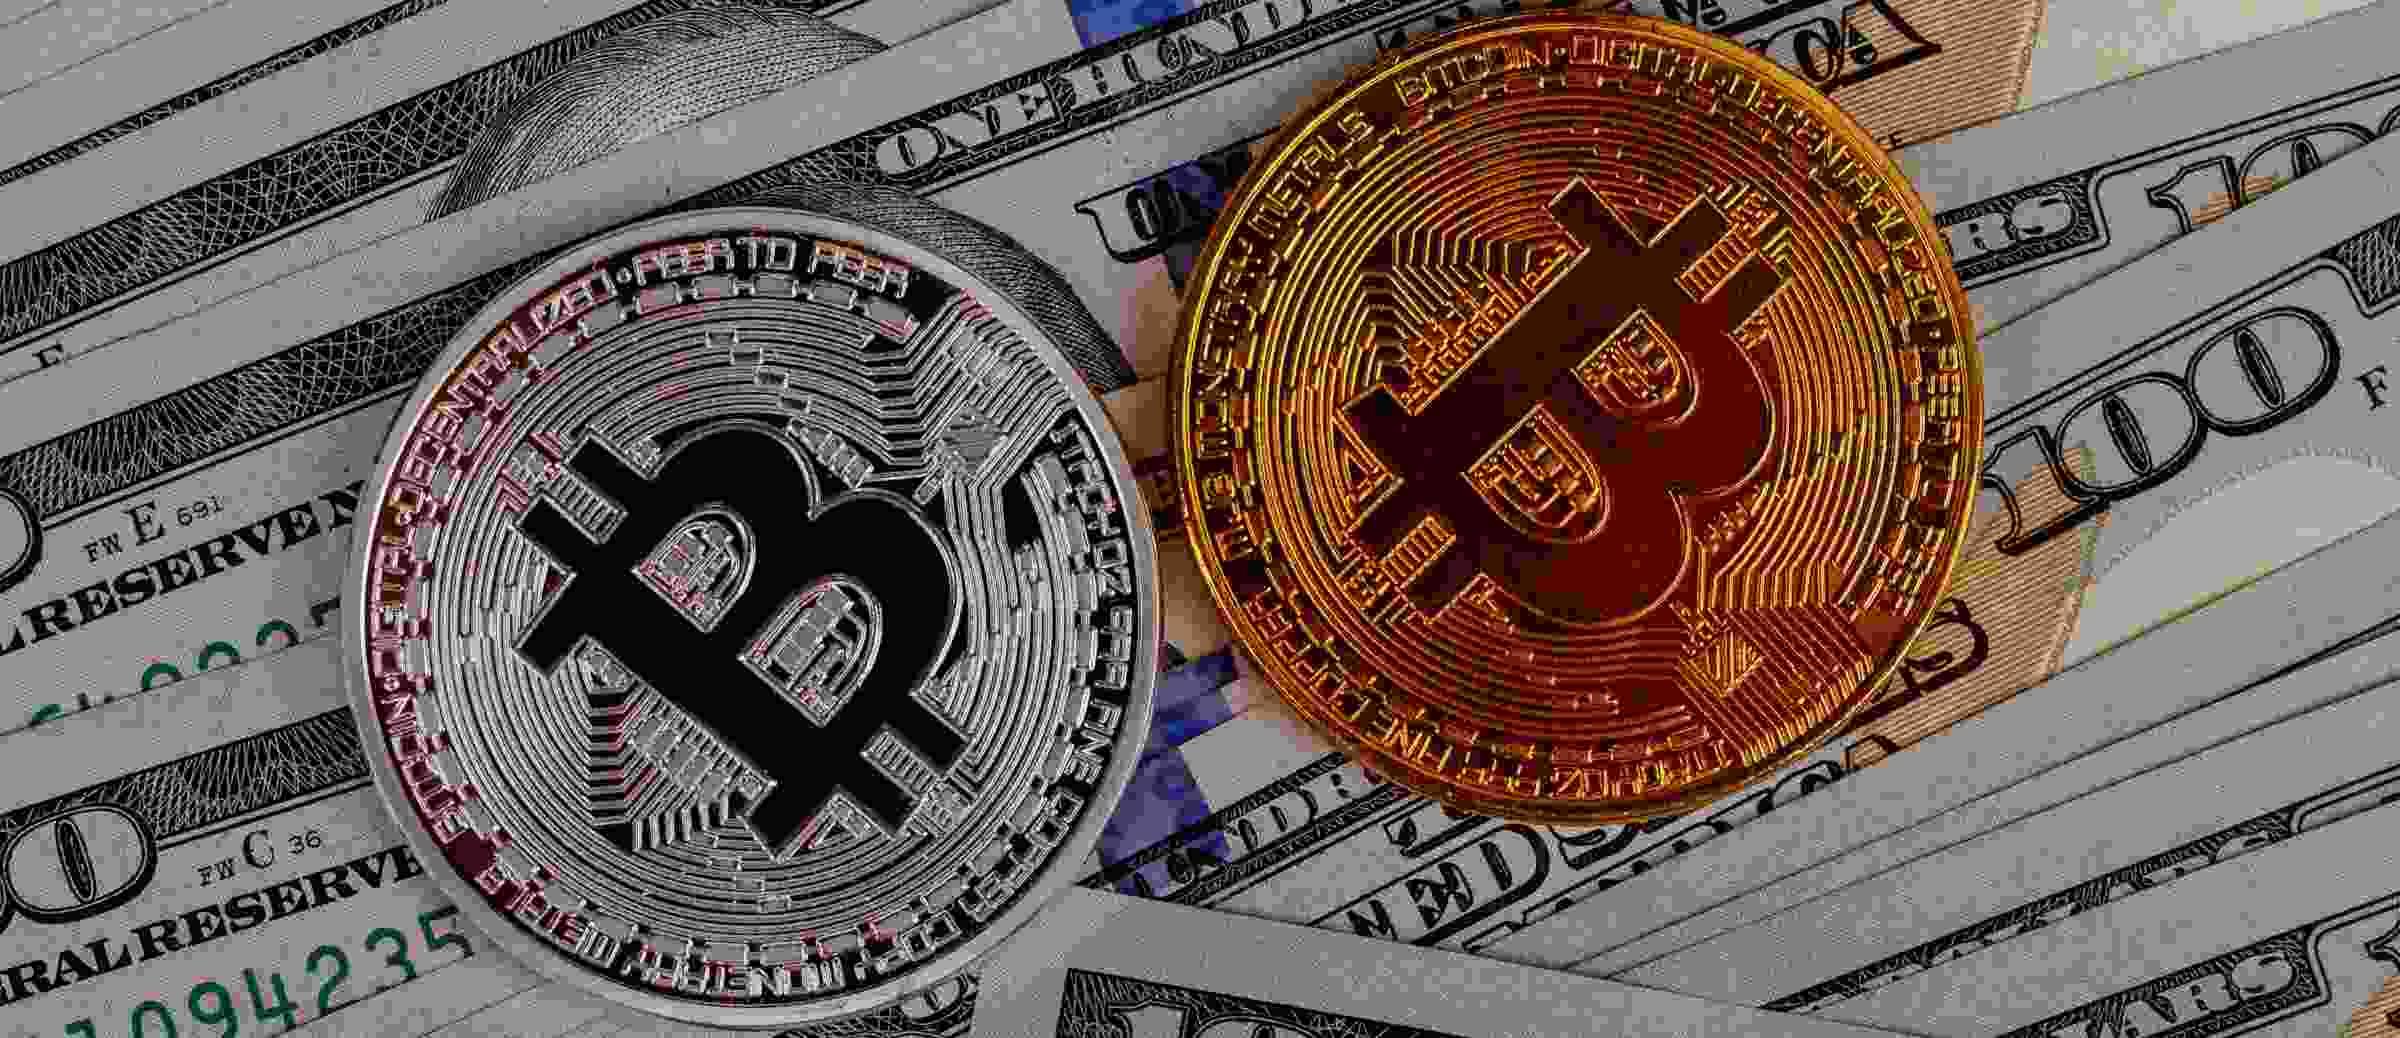 O preço do Bitcoin disparou. Cheguei tarde demais?